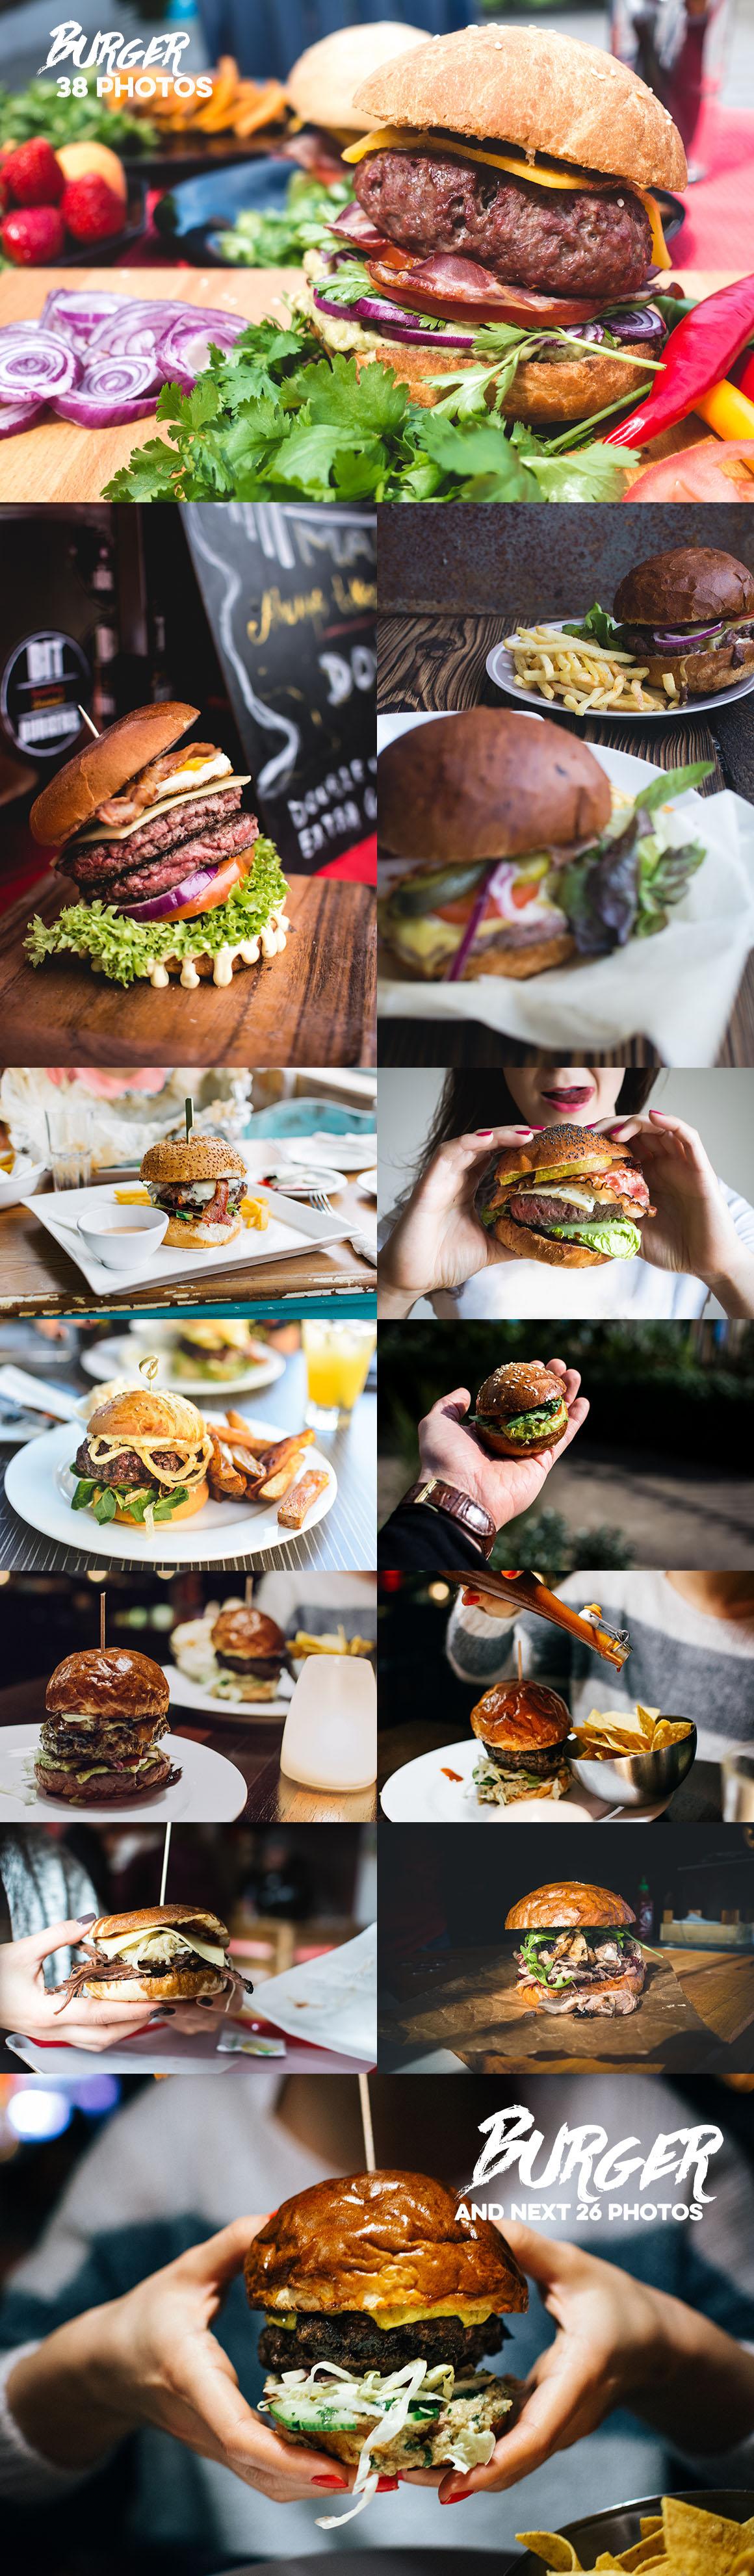 02burger